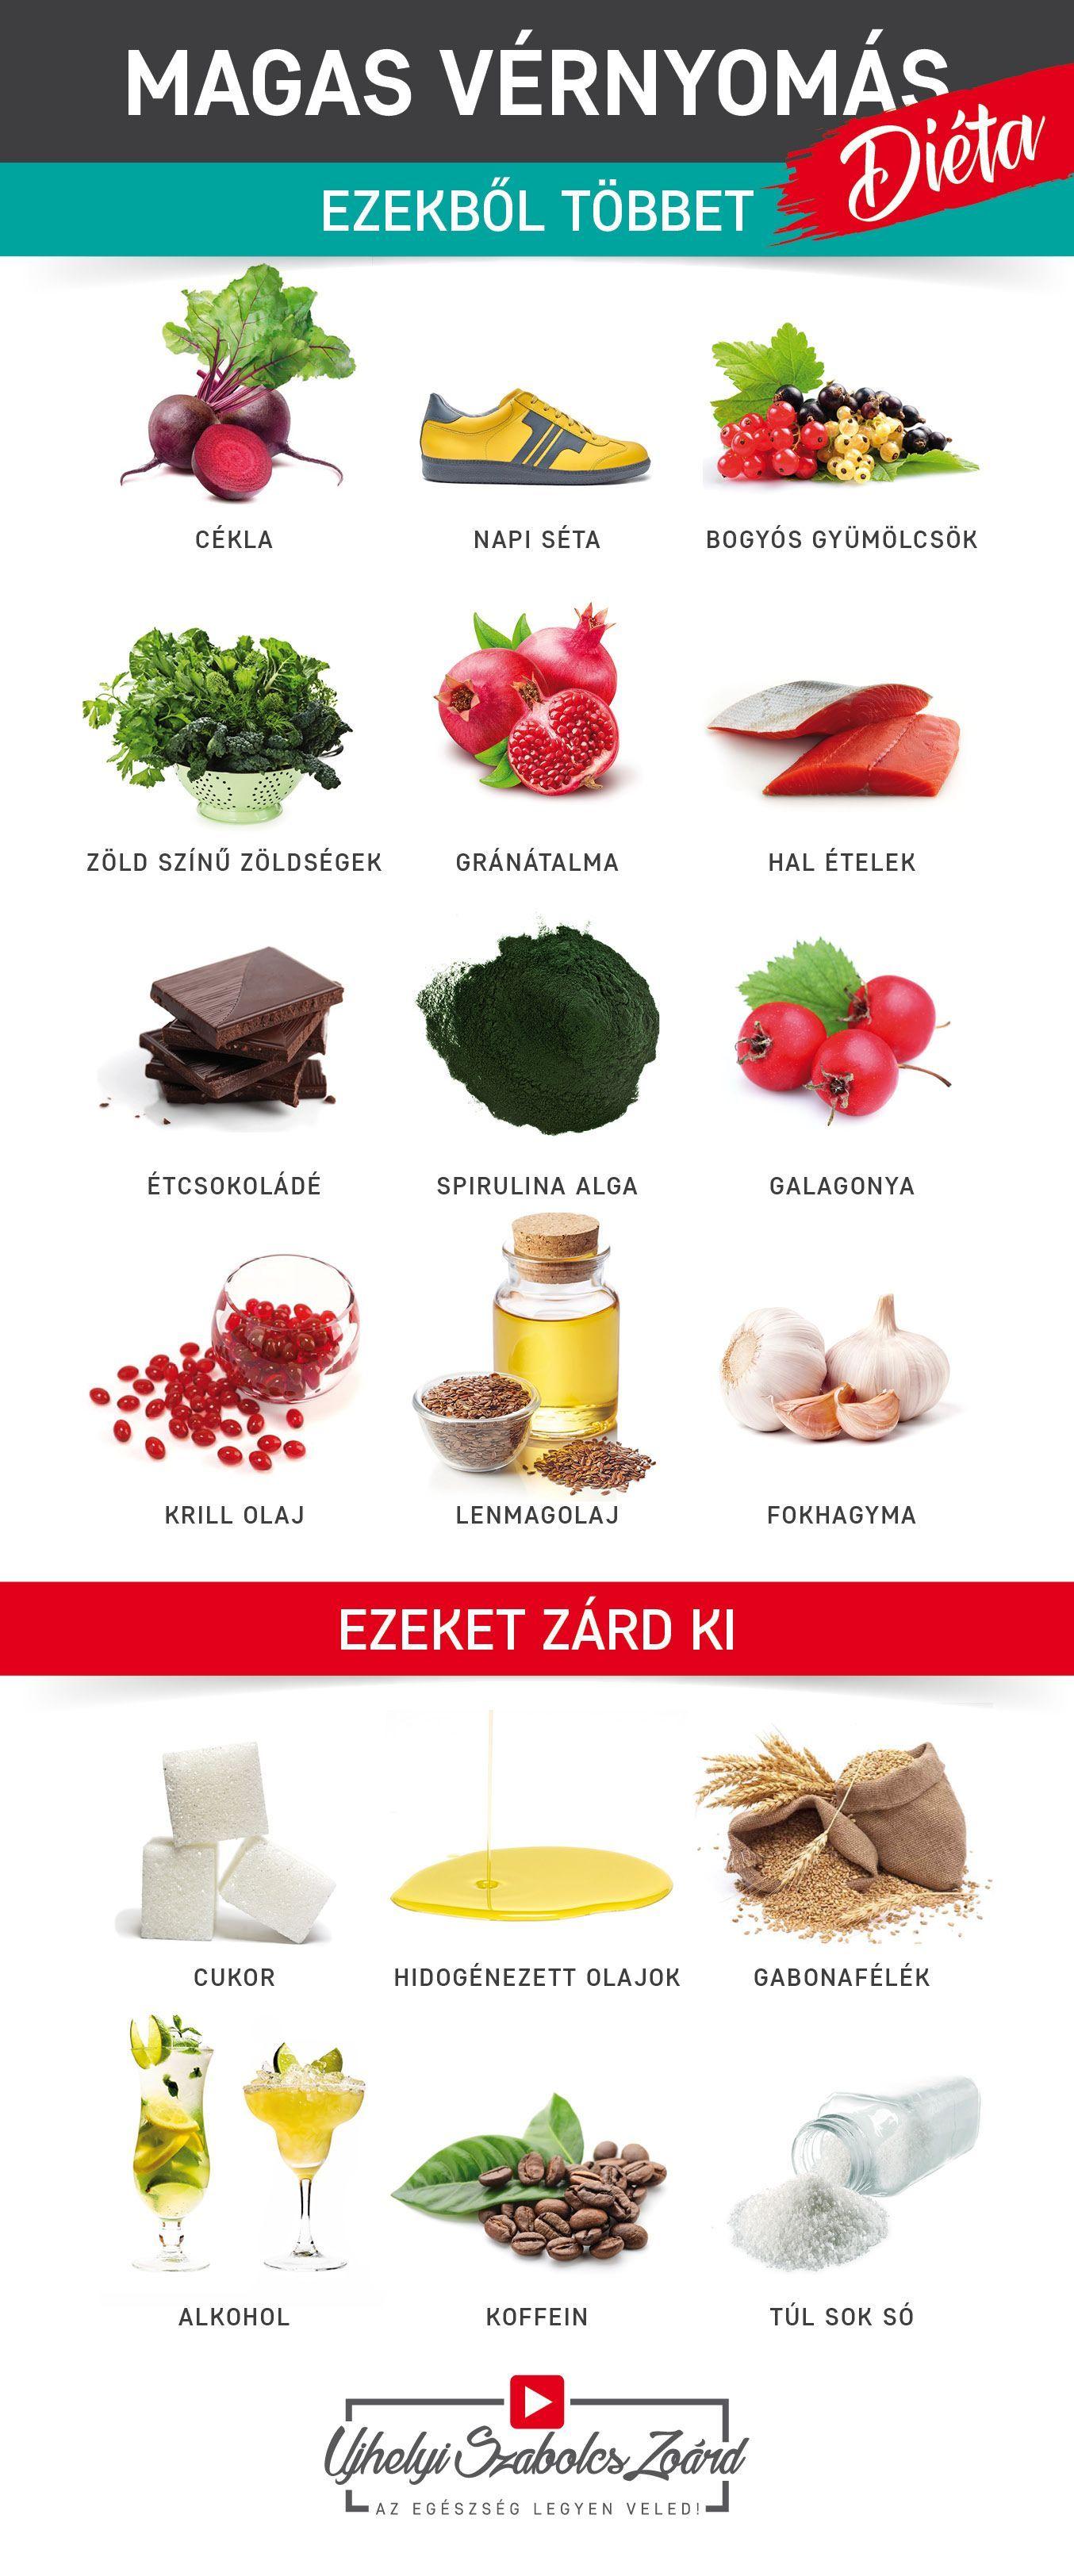 magas vérnyomás egészséges étel magas vérnyomás gyógyszer fórum